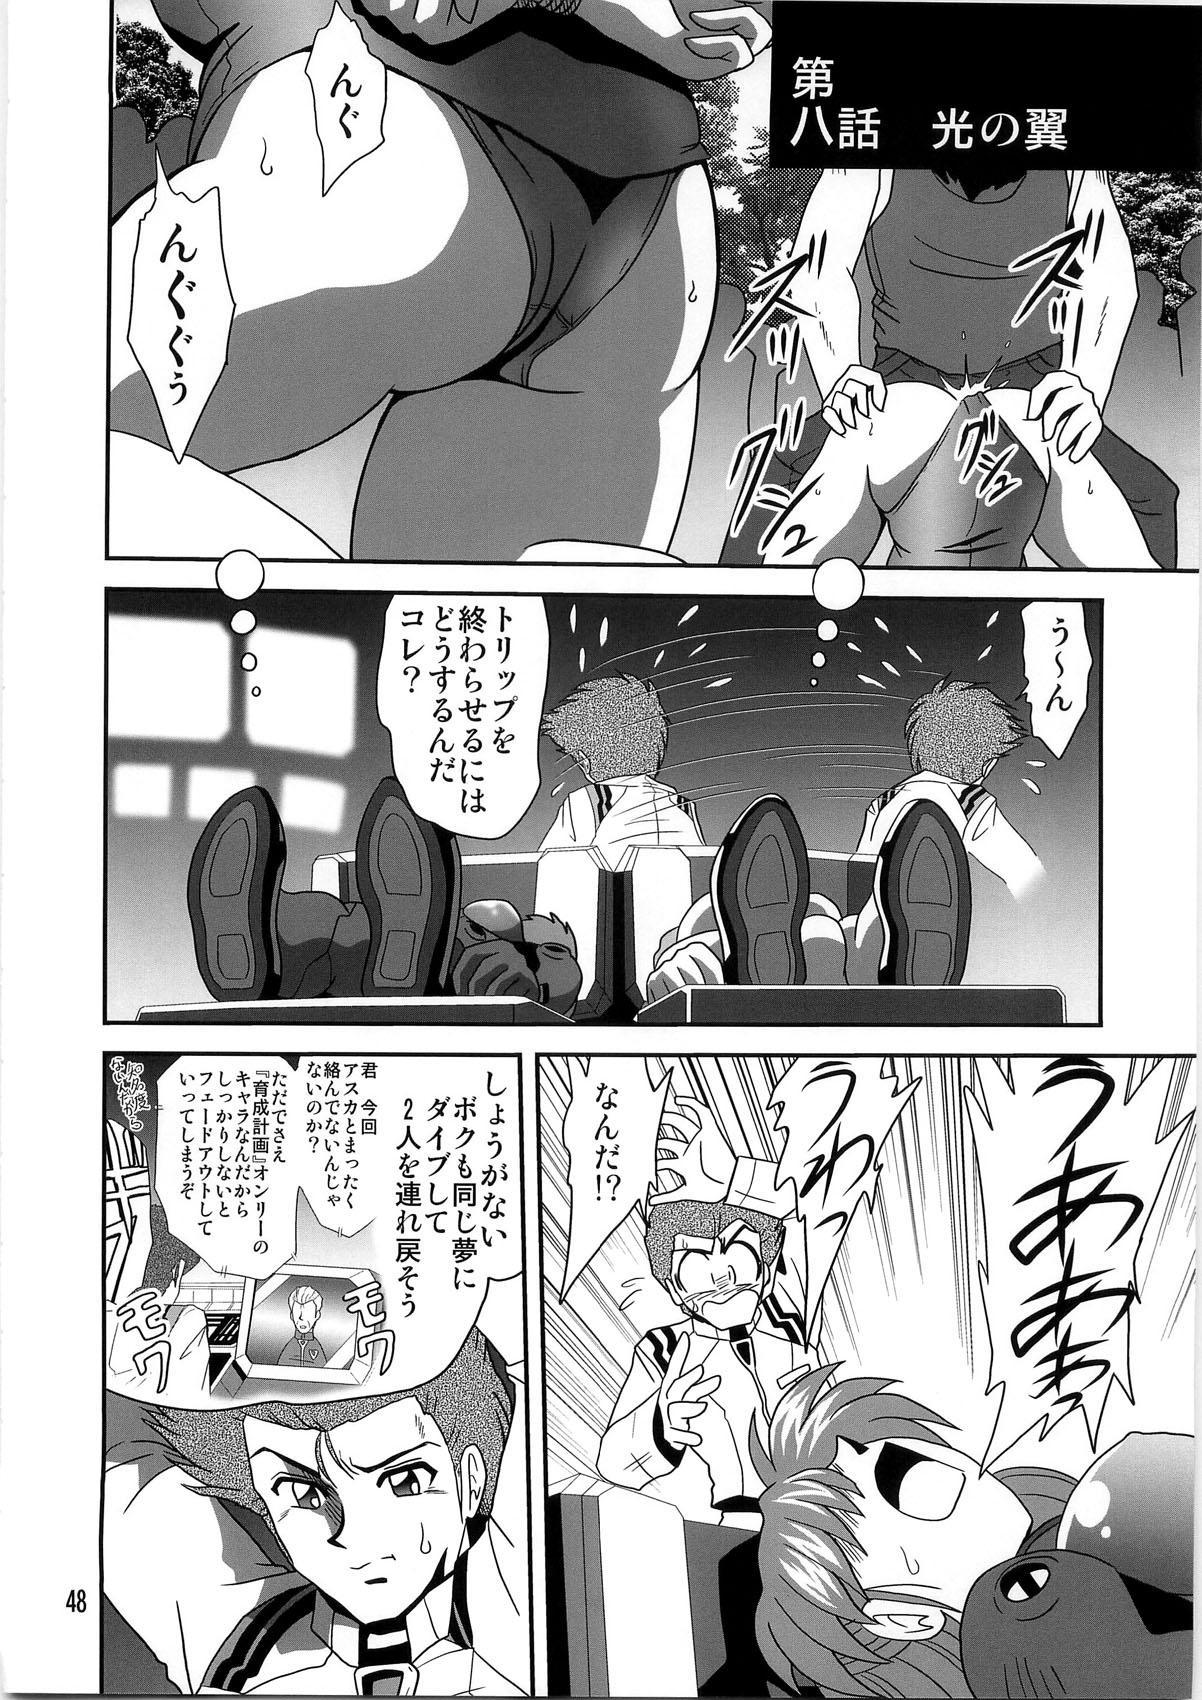 Second Uchuu Keikaku 4 47